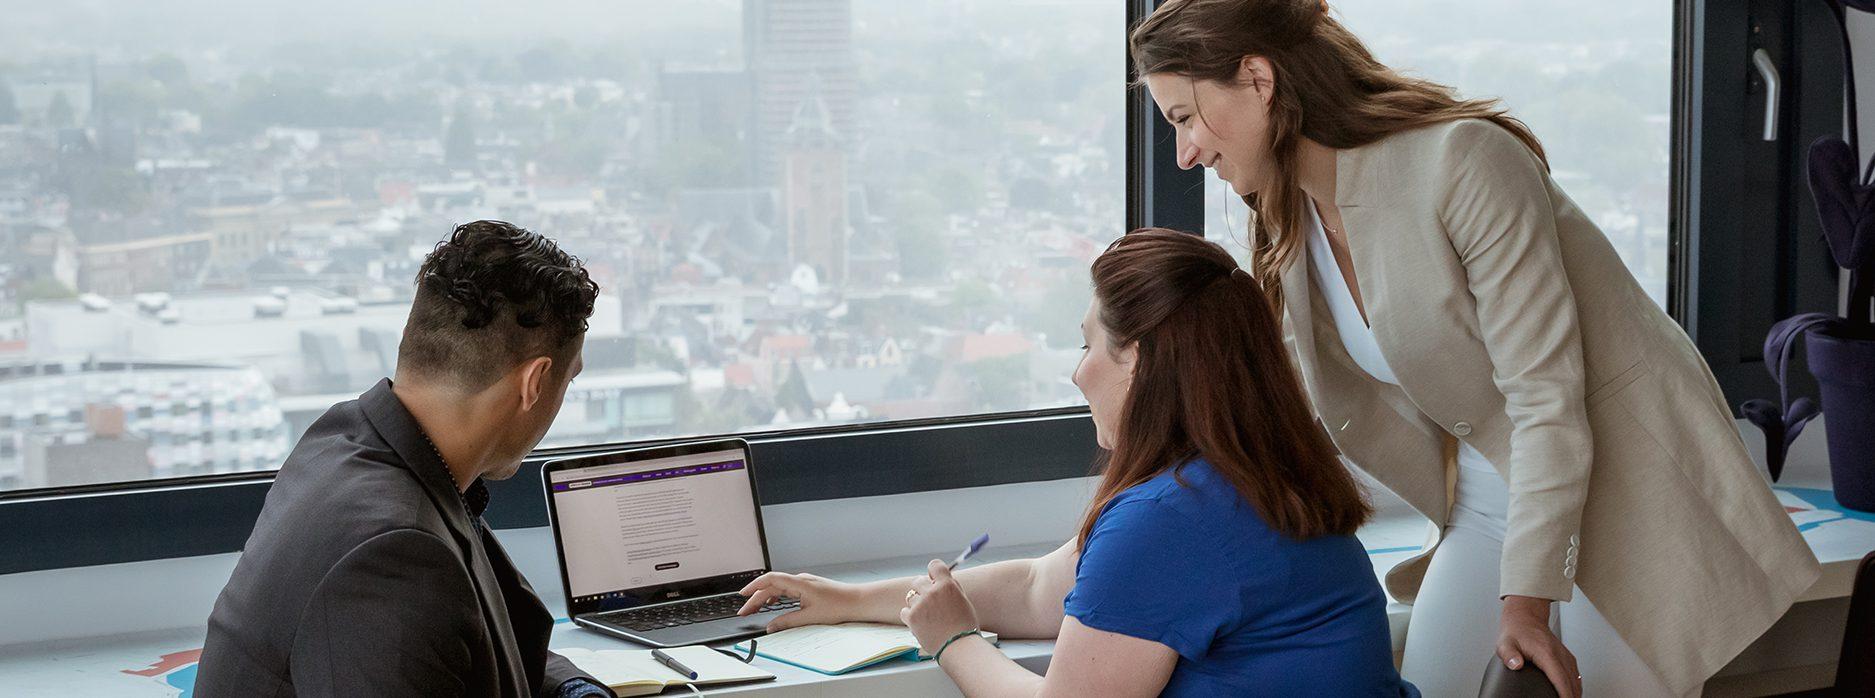 3 collega's die naar een laptop kijken, met op de achtergrond het uitzicht van Utrecht